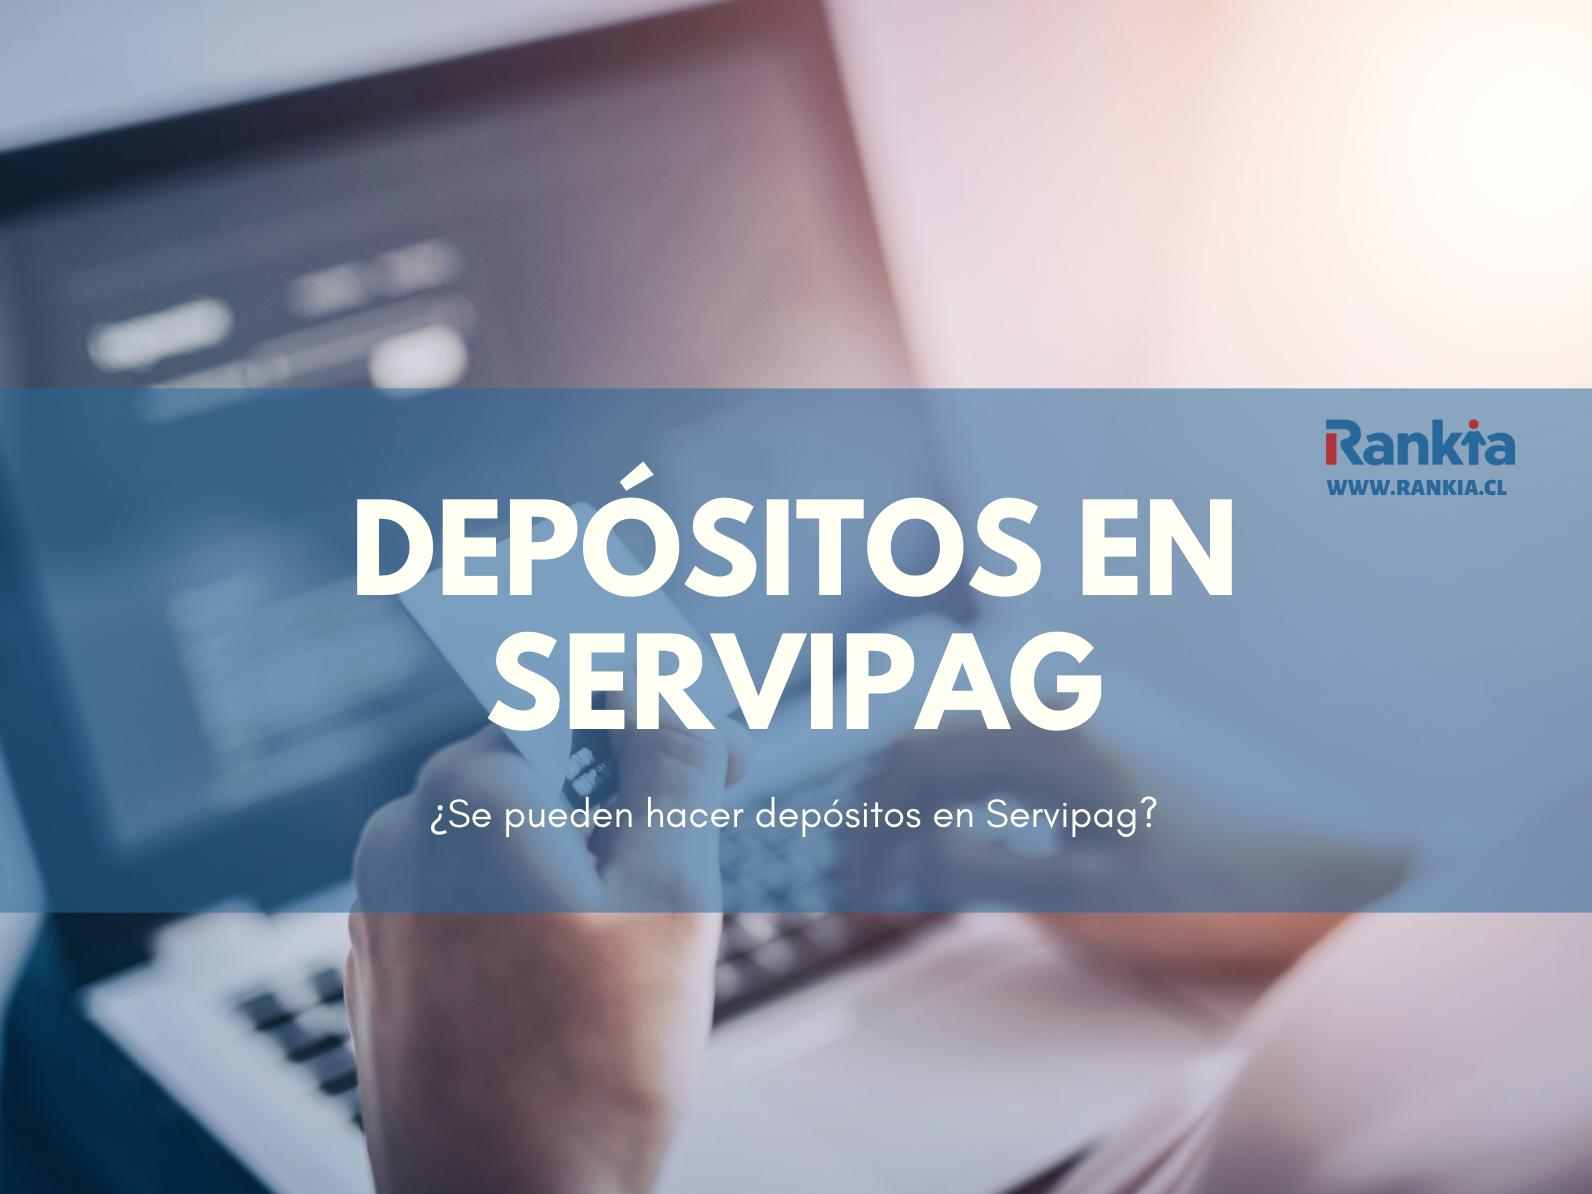 ¿Se pueden hacer depósitos en Servipag?